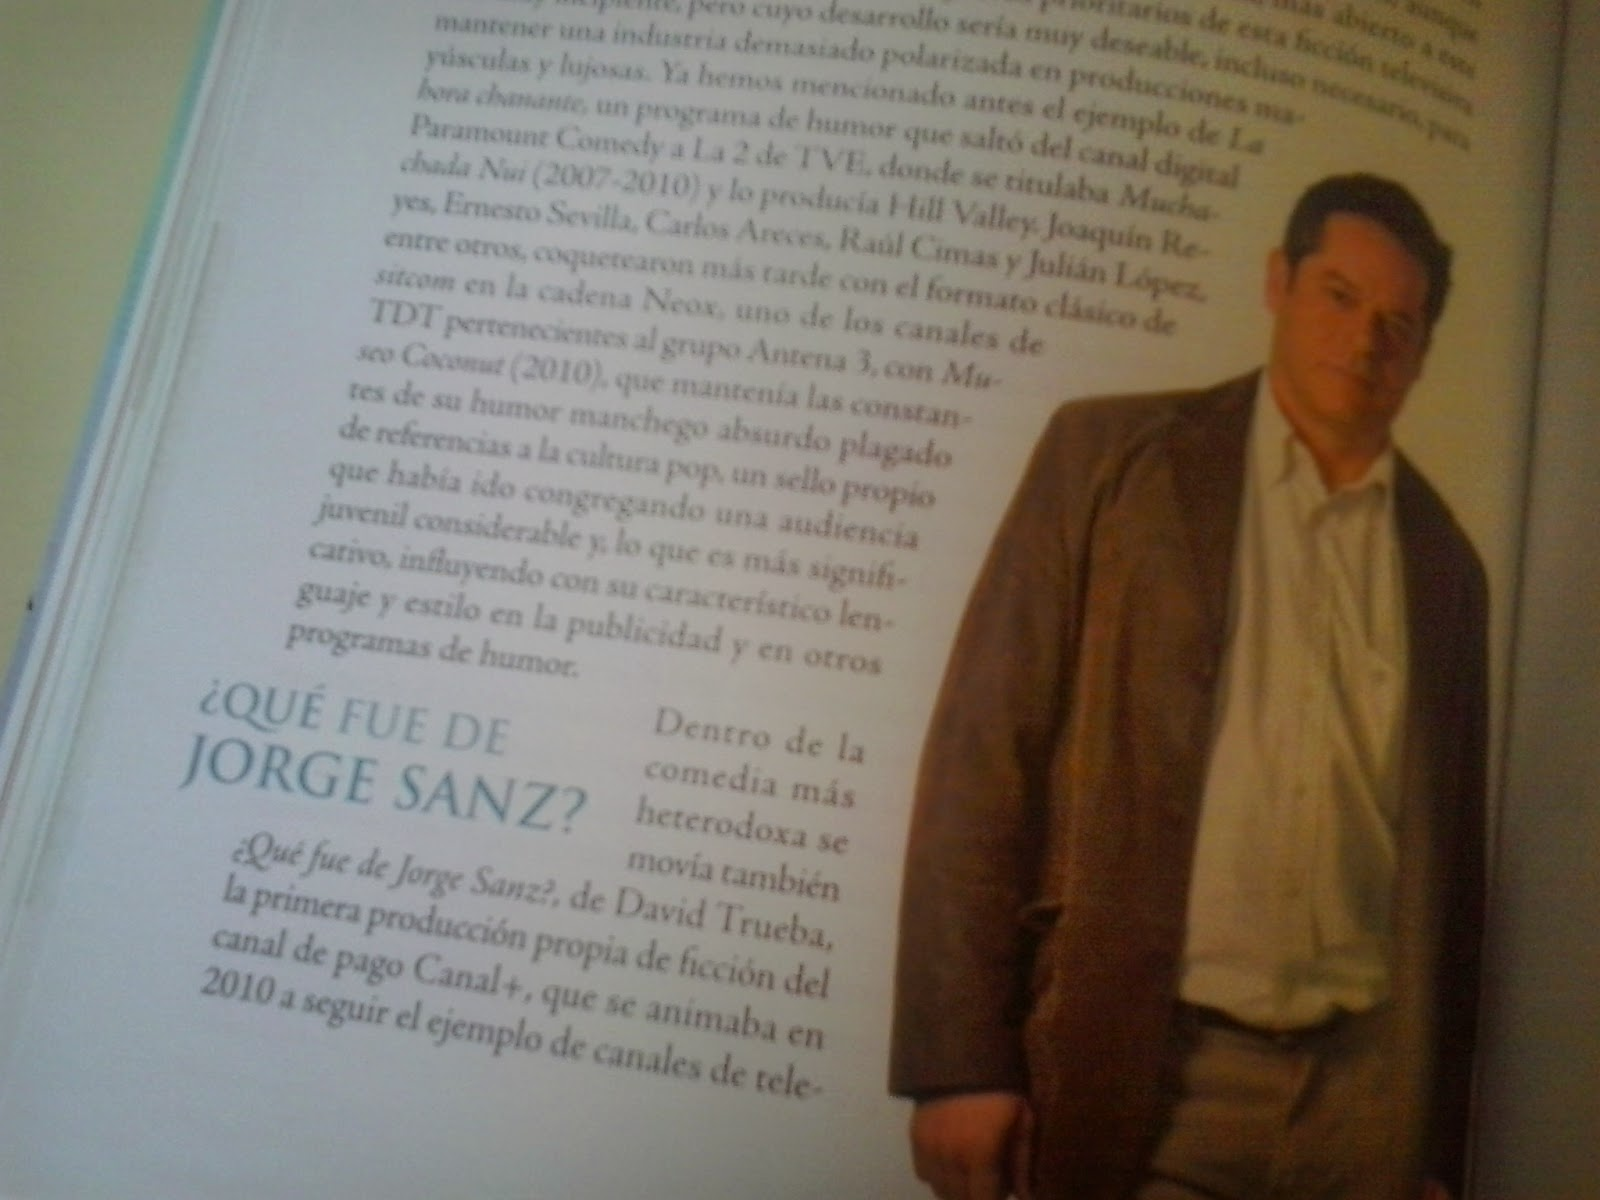 Jorge Sanz, Segunda Enseñanza, Colegio Mayor, El inquilino, Qué fue de Jorge Sanz